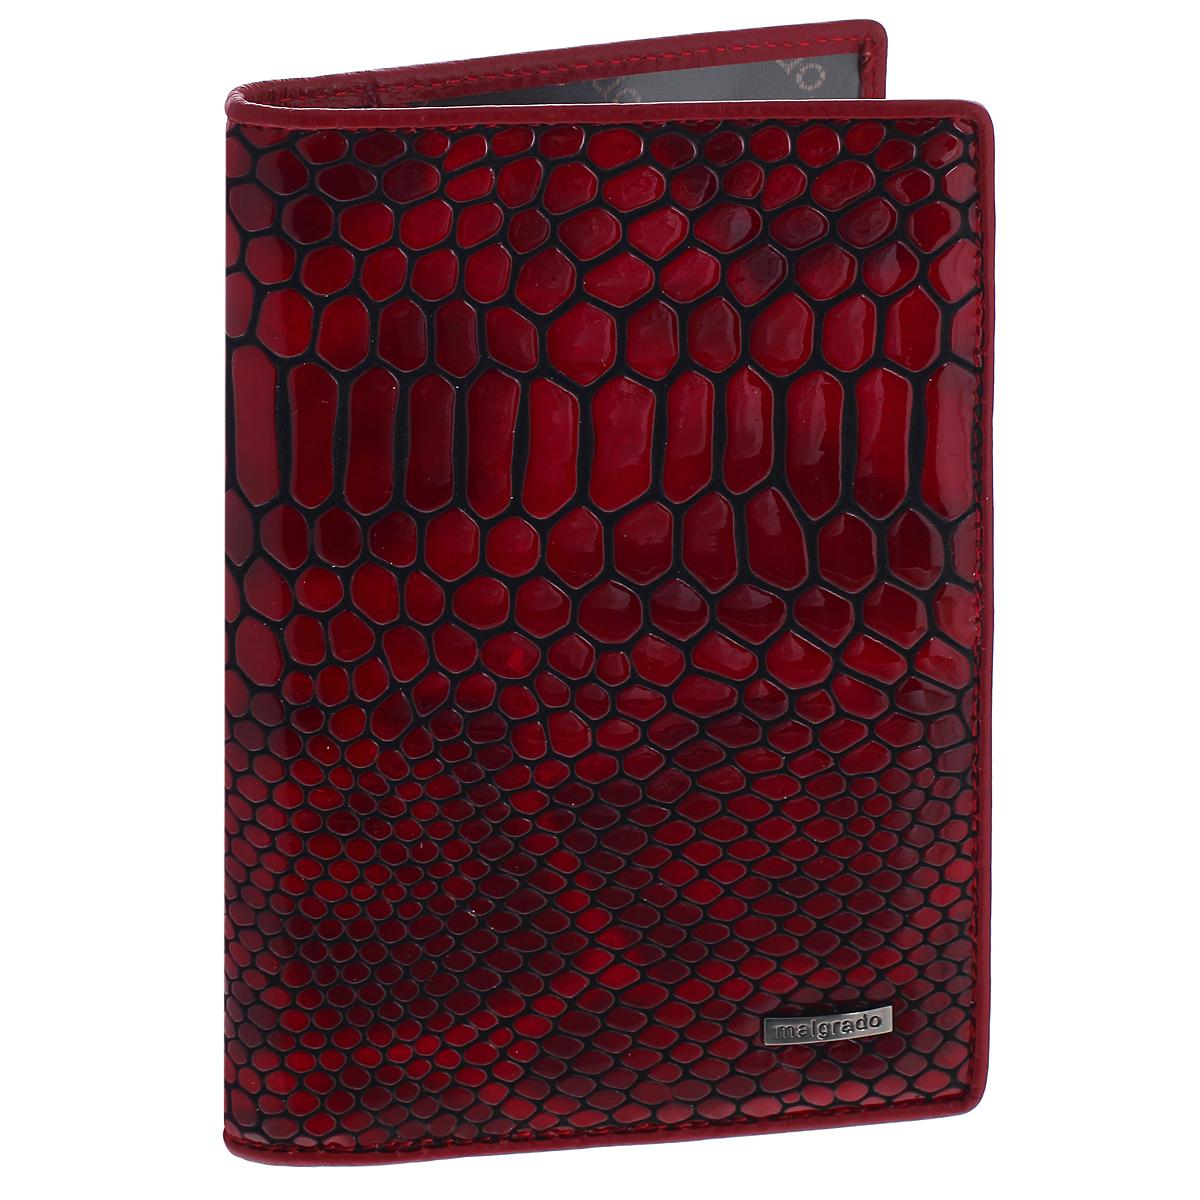 Обложка для документов Malgrado, цвет: бордовый, черный. 54019-1A-4030254019-1A-40302Стильная обложка для документов Malgrado, выполненная из натуральной кожи с тиснением под рептилию. Обложка может послужить как для хранения автодокументов, так и паспорта. Внутри содержится съемный блок из 4 прозрачных файлов для автодокументов. Также имеется 5 кармашков для визиток и пластиковых карт. Обложка поможет сохранить внешний вид ваших документов и защитит их от повреждений, а также станет стильным аксессуаром, который подчеркнет ваш образ. Обложка упакована в подарочную коробку синего цвета с логотипом фирмы.